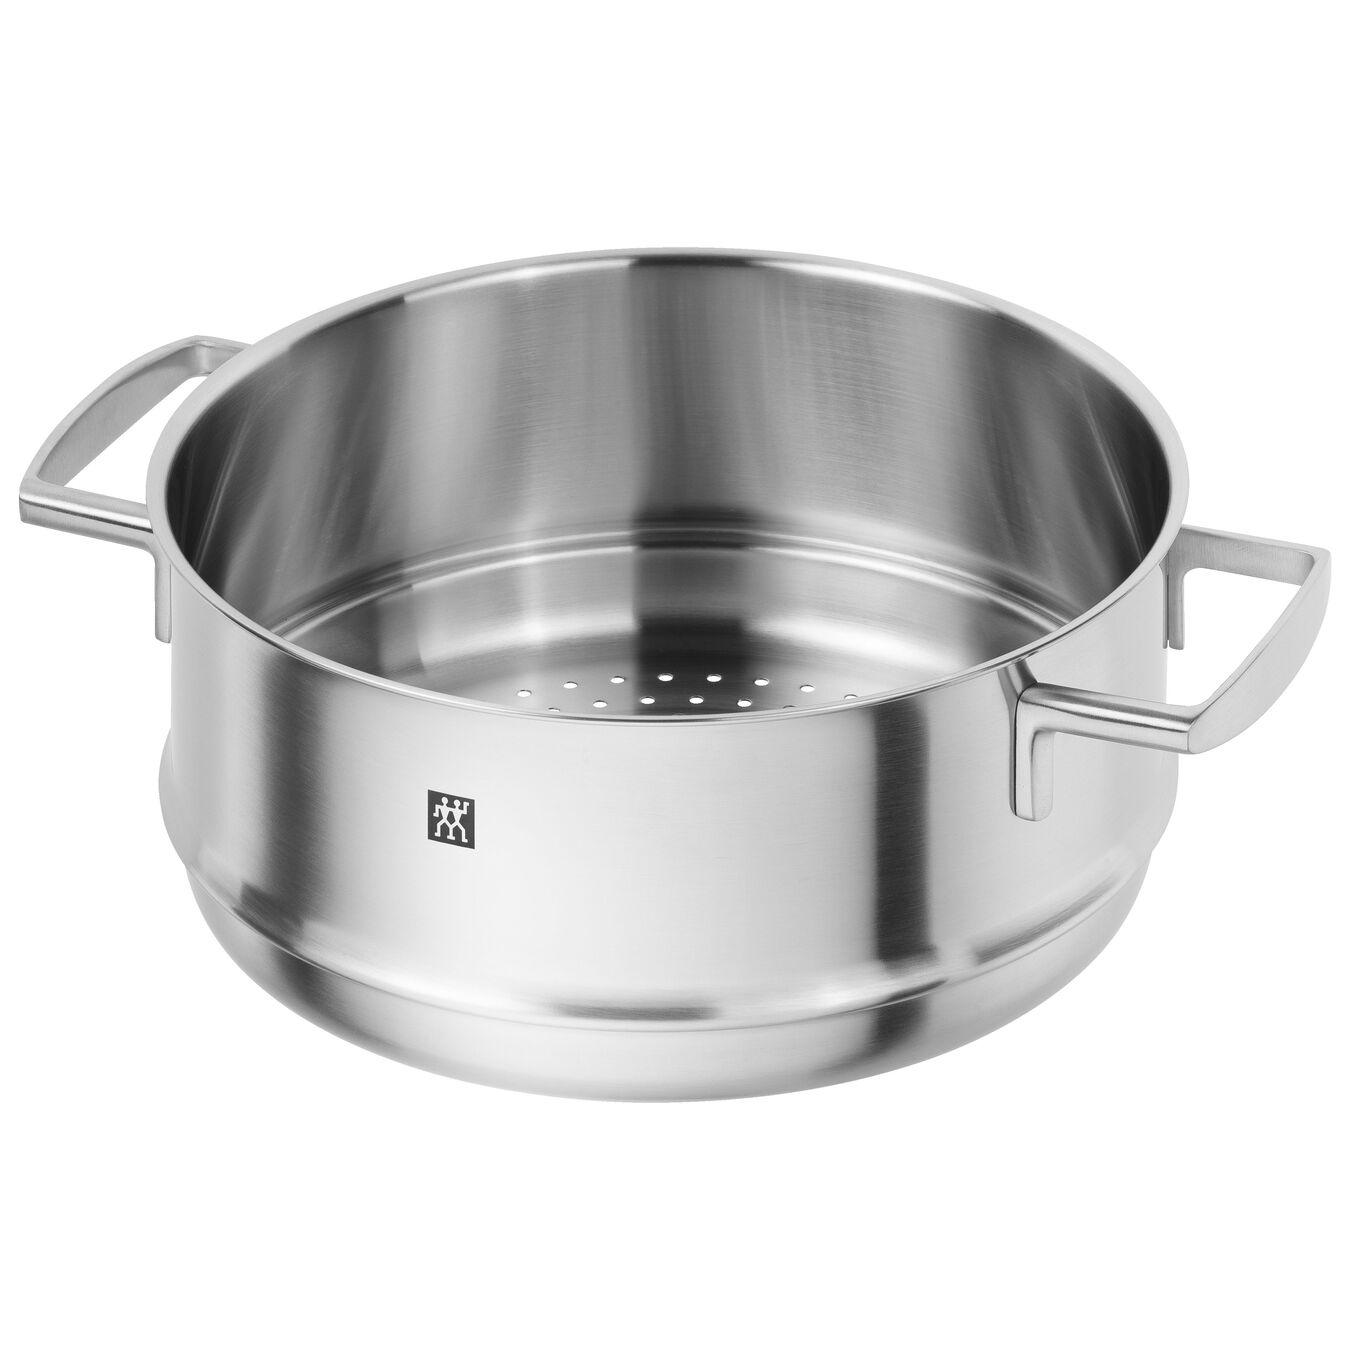 Ensemble de casseroles et poêles 8-pcs, Acier inoxydable,,large 2